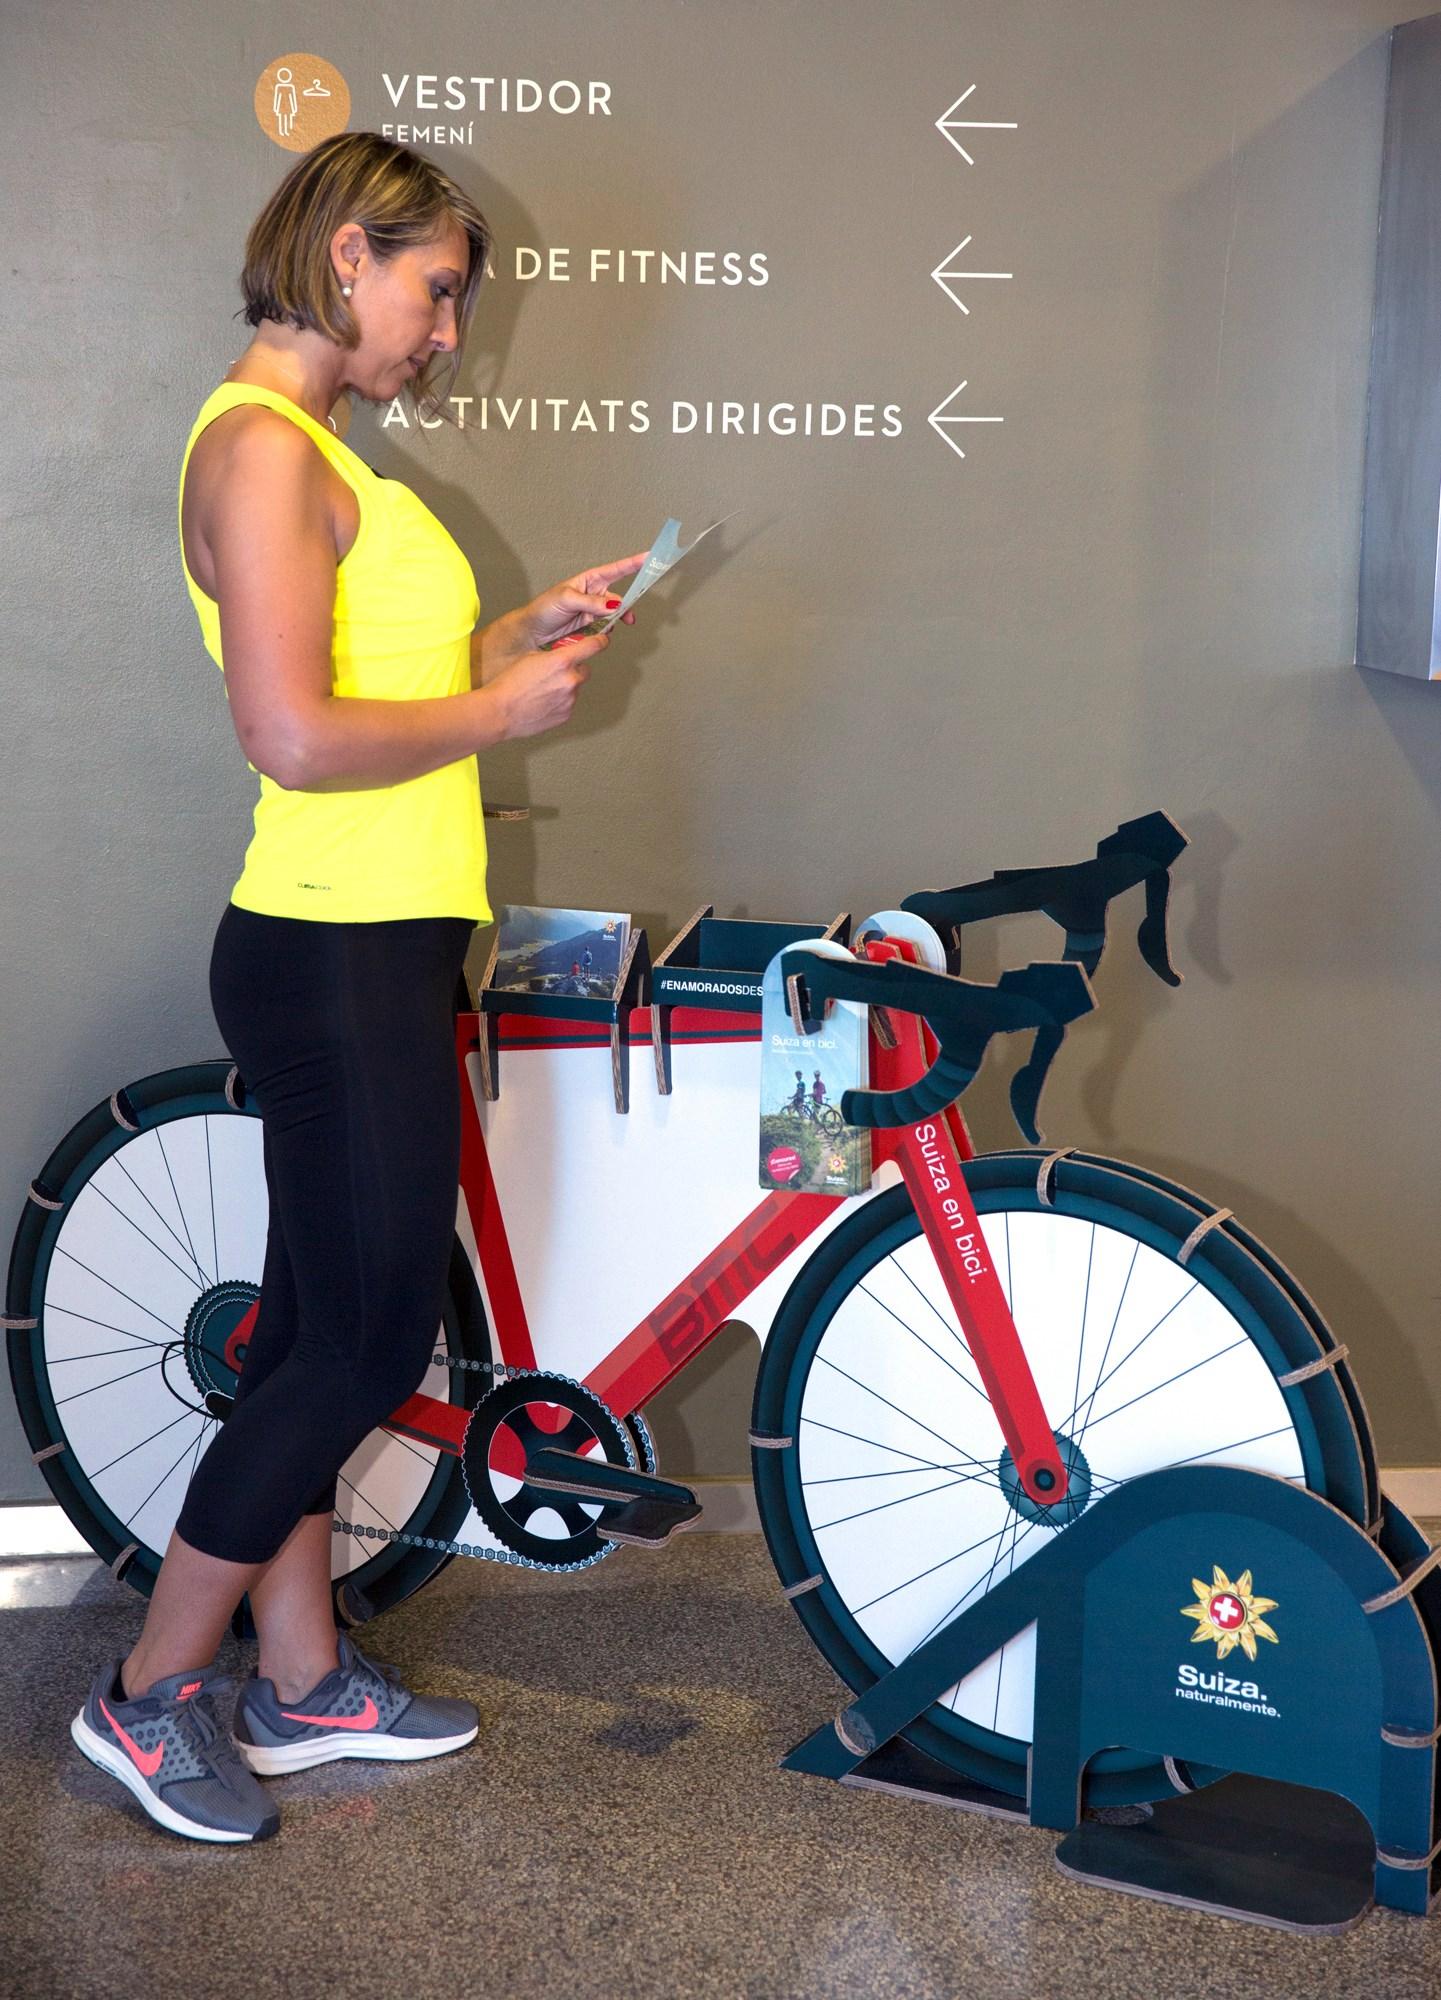 expositor portafolletos porta folletos bicicleta carton gimnasio holmes madrid barcelona oficina turismo suiza 02